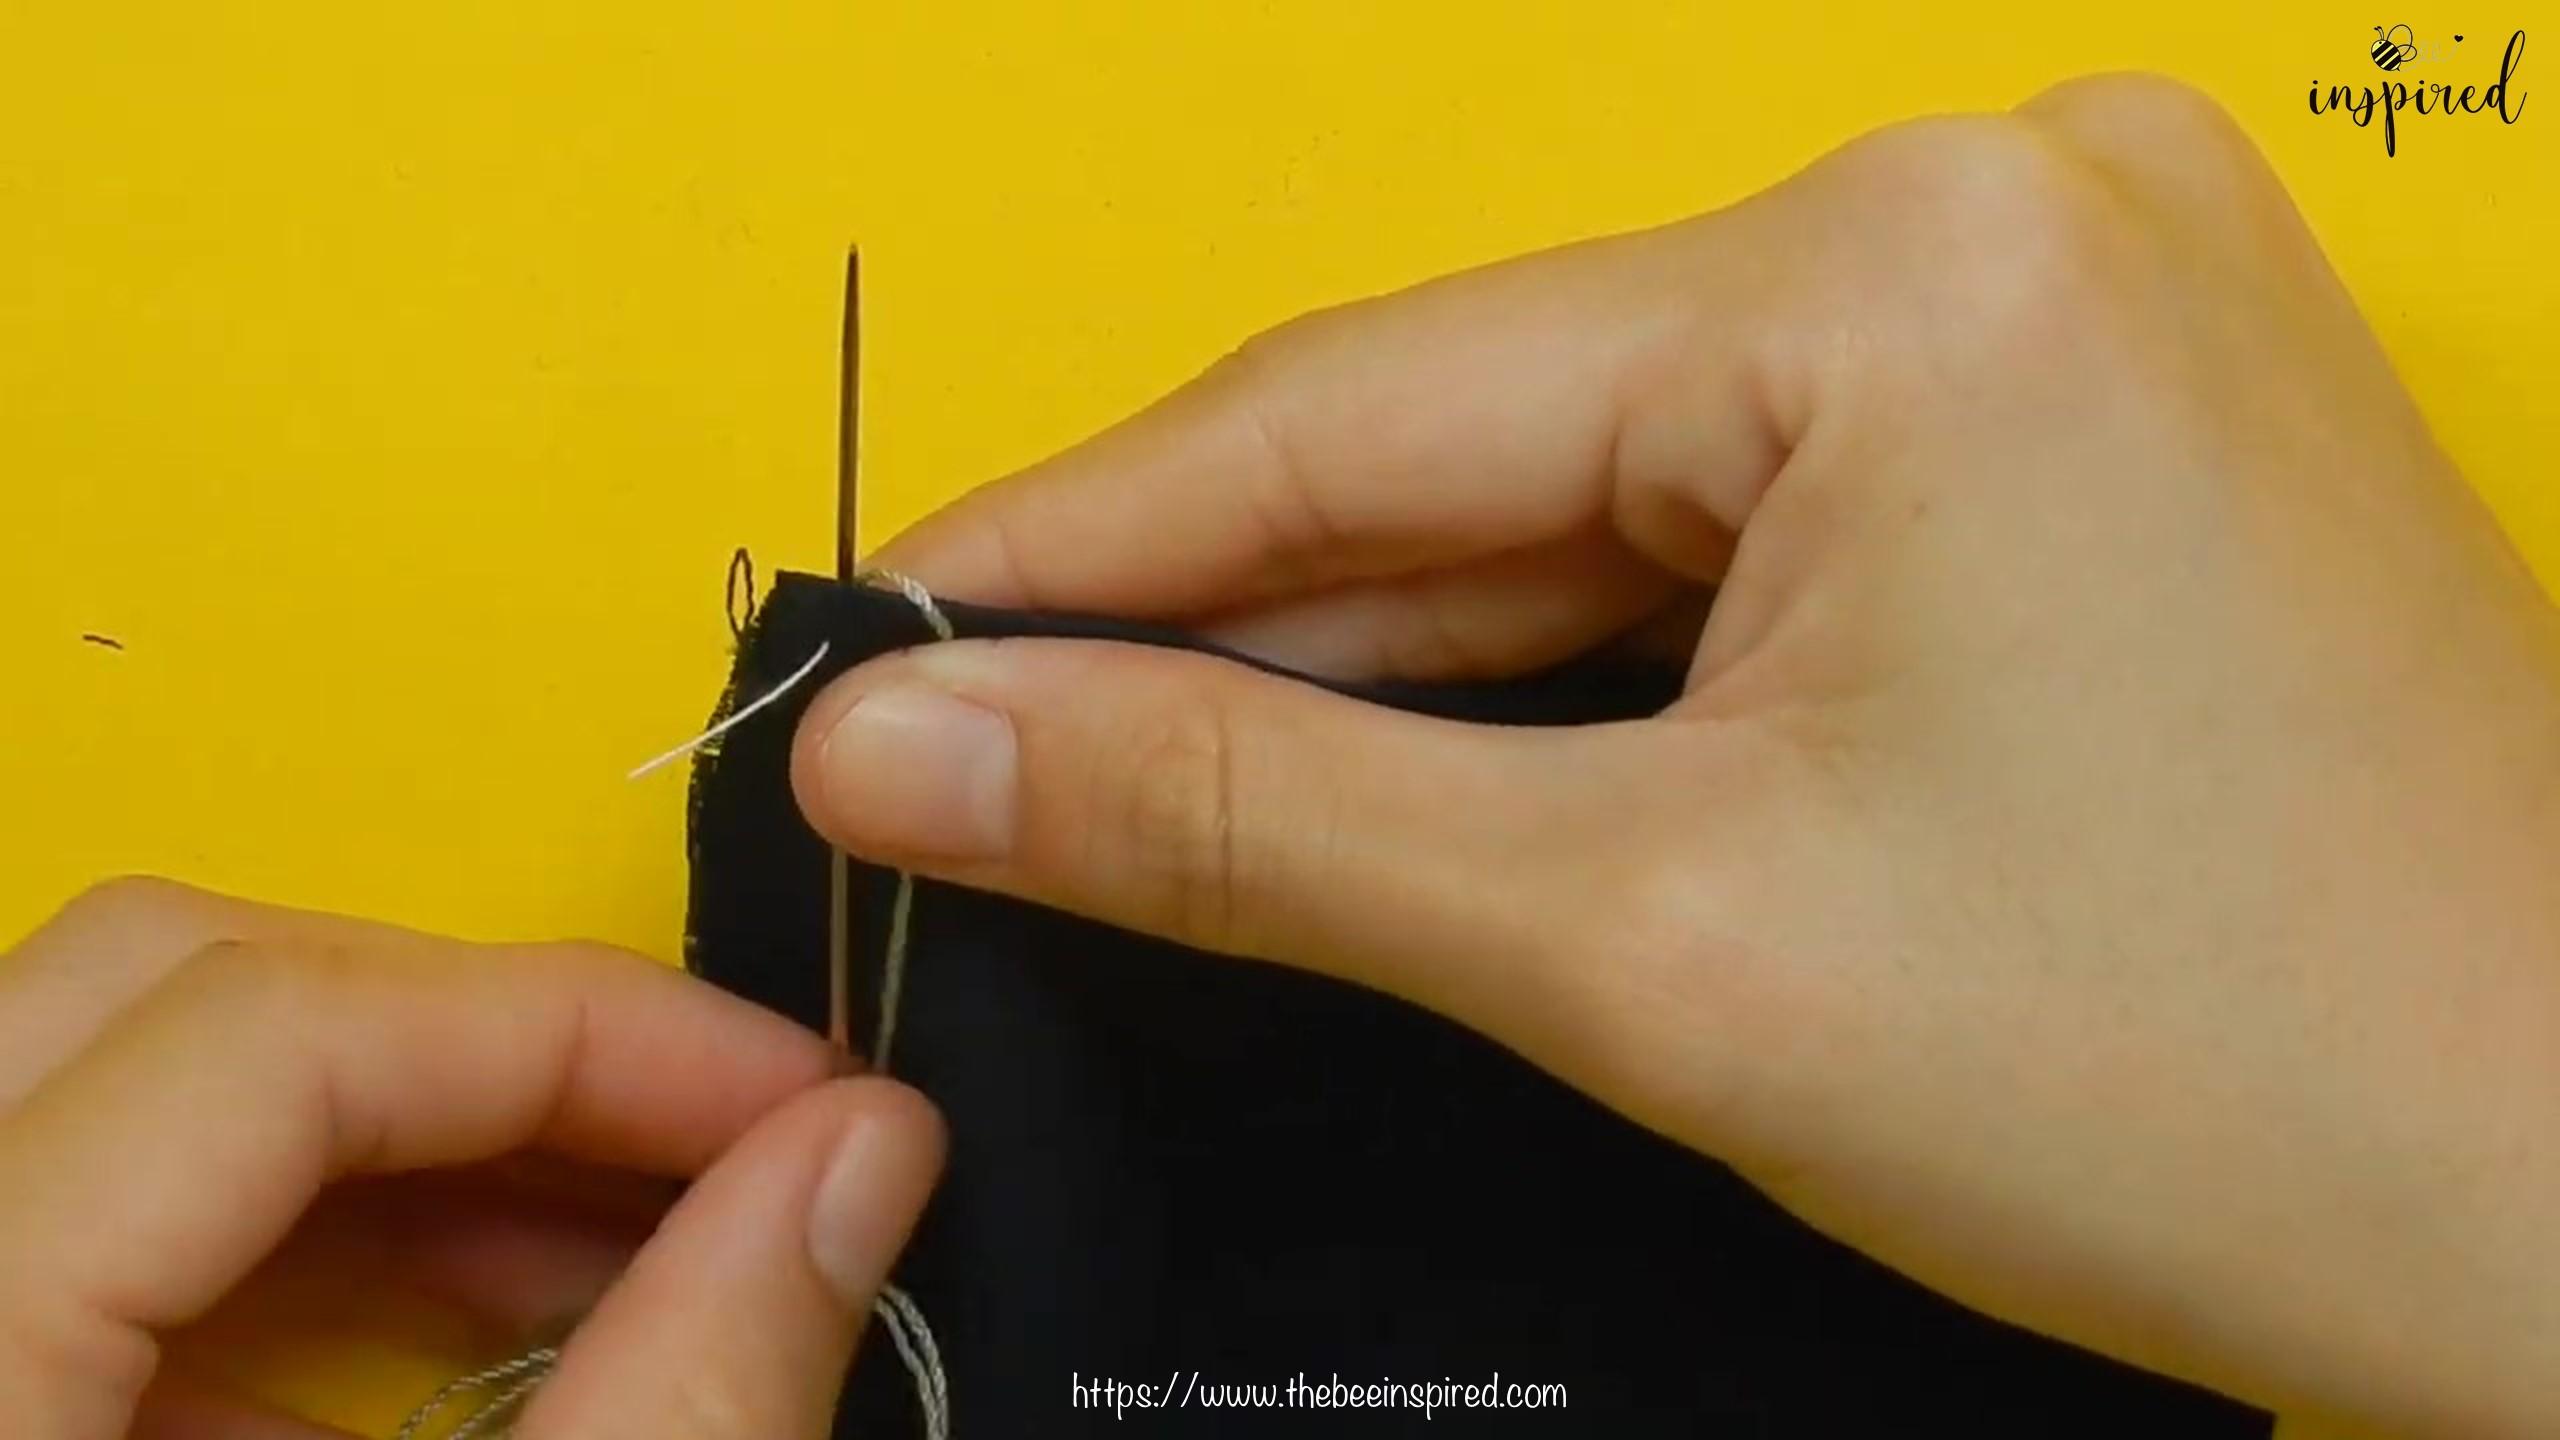 วิธีการเย็บลายปักริมผ้าห่ม (How to Sew a Blanket Stitch) _ วิธีเย็บเก็บริมผ้าโดยไม่ใช้จักรโพ้ง_19